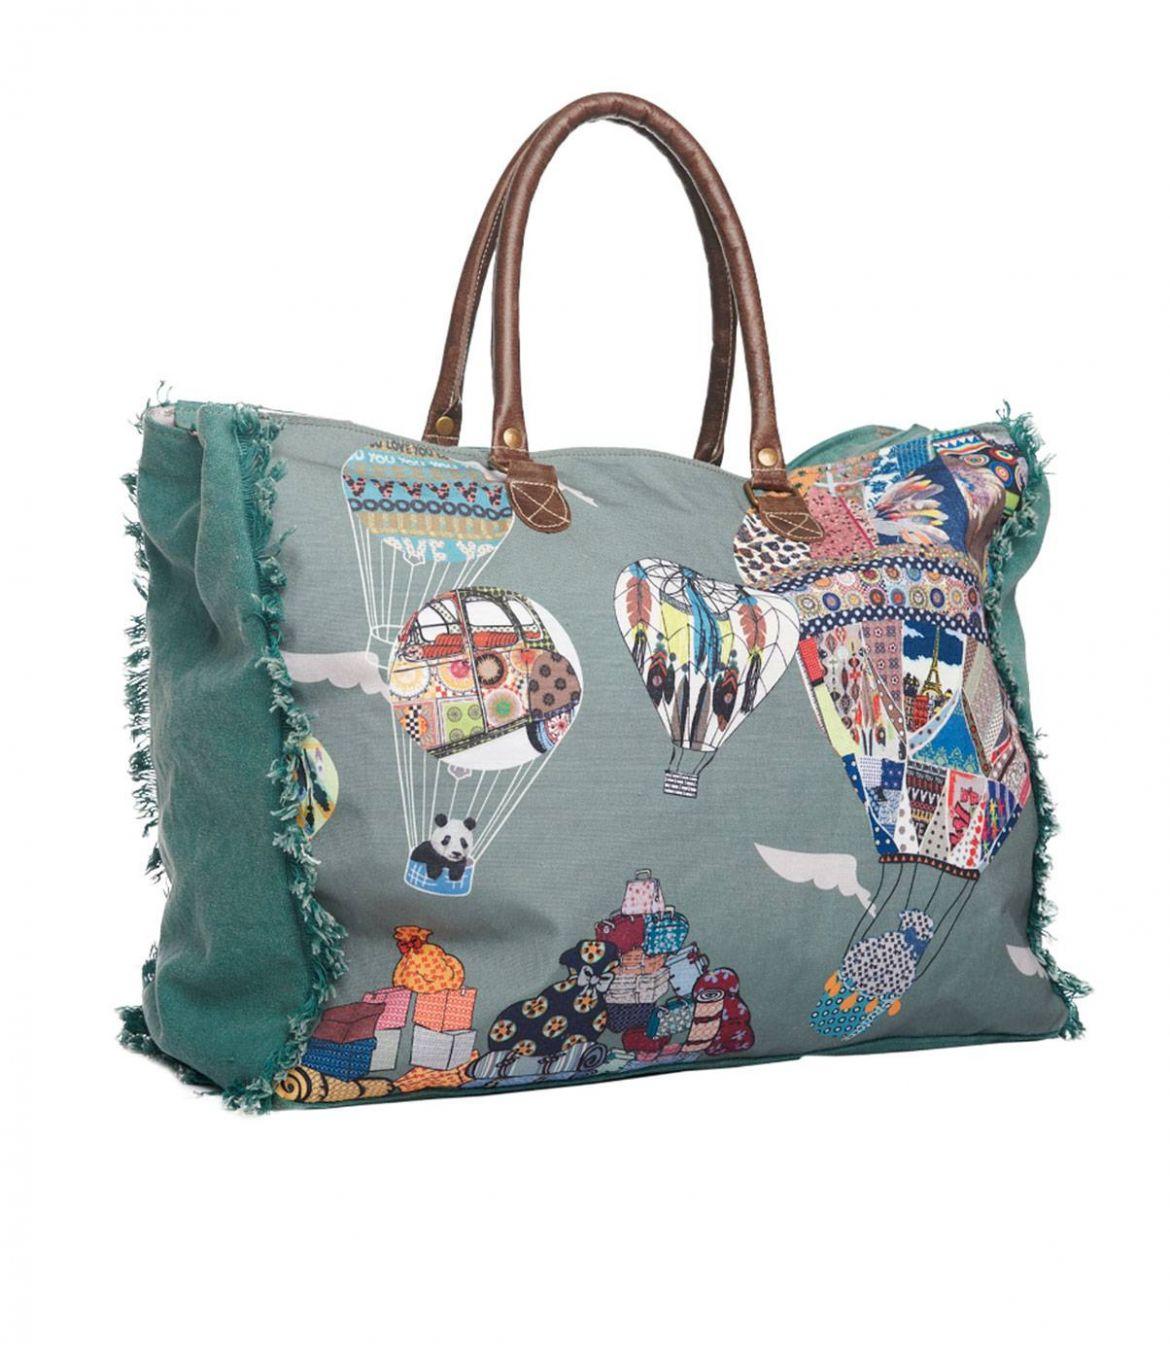 TRAVEL Sac de voyage en Polyester, Coton, Cuir pour Femme 50x40x20 cm - 1